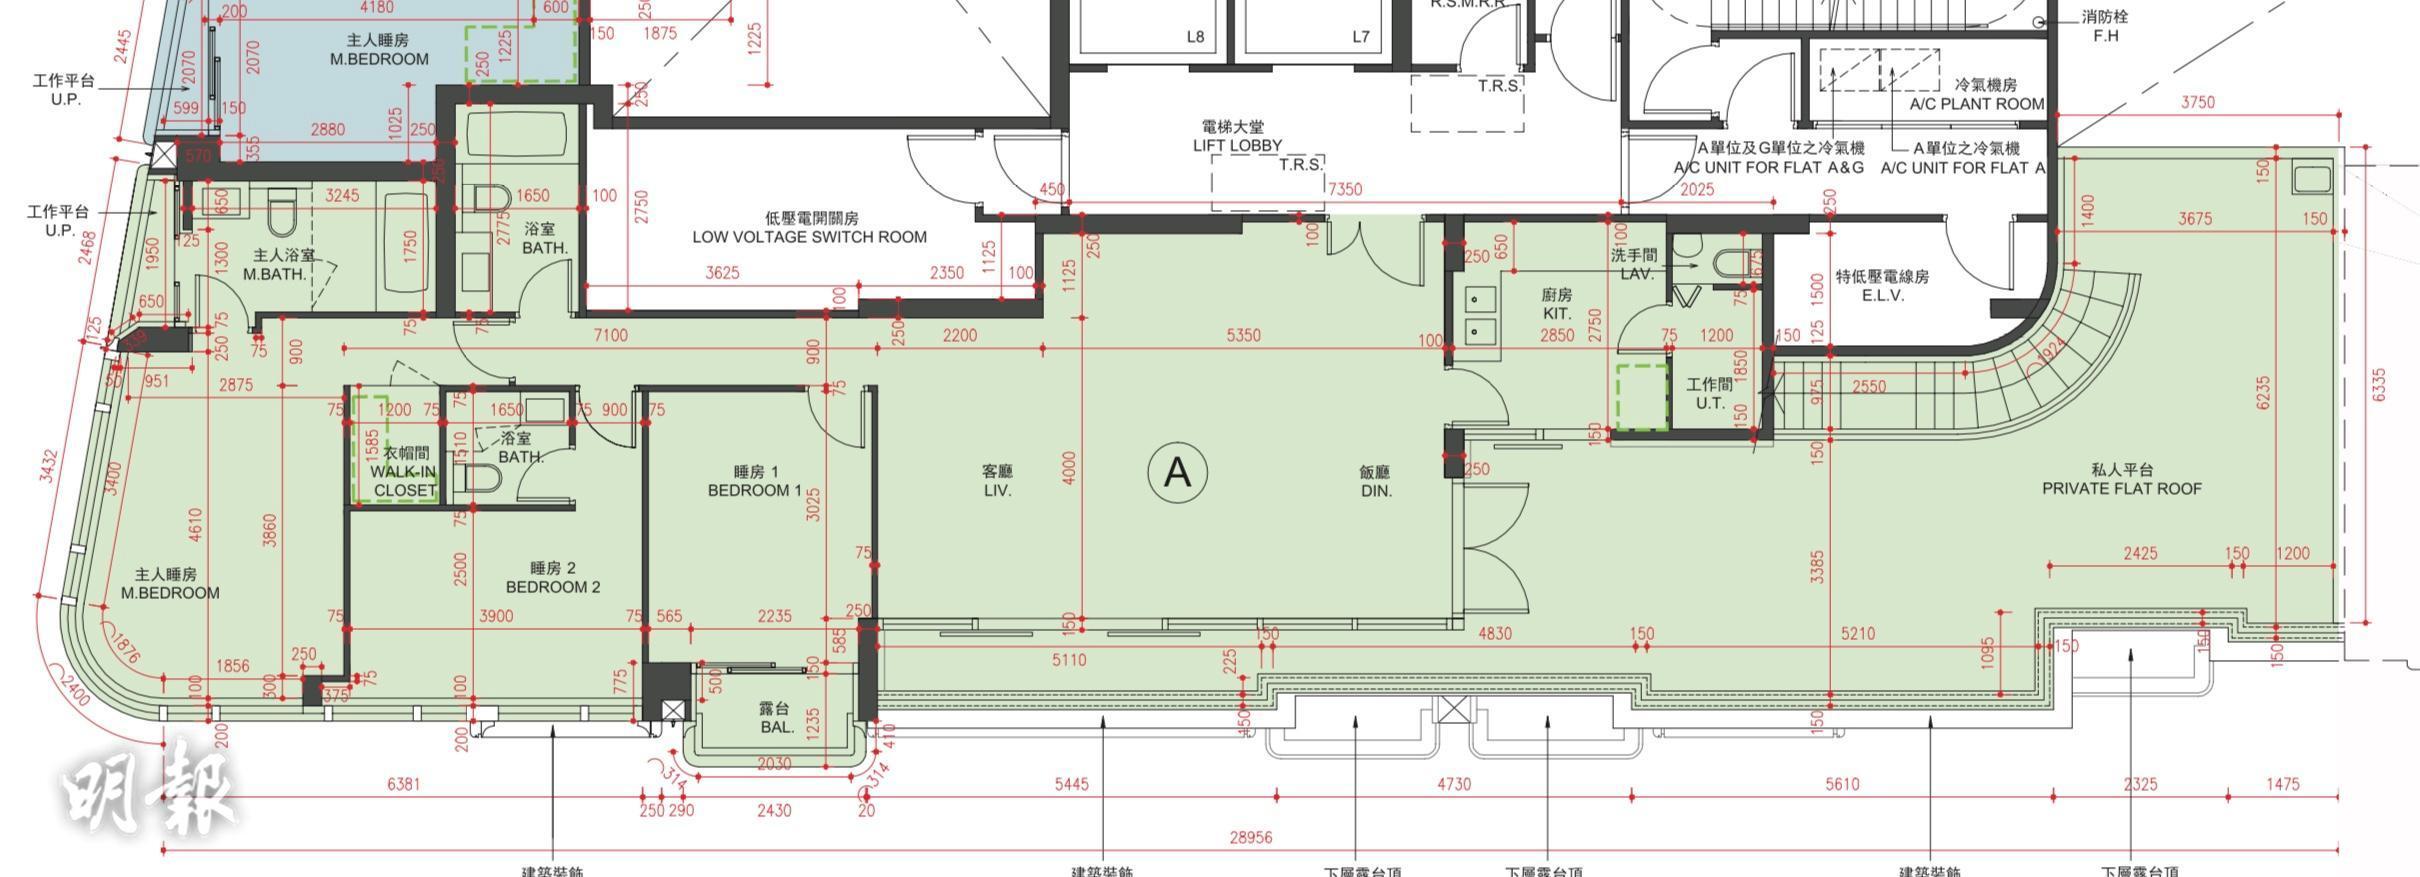 2座40樓A室,實用1350方呎,另設天台